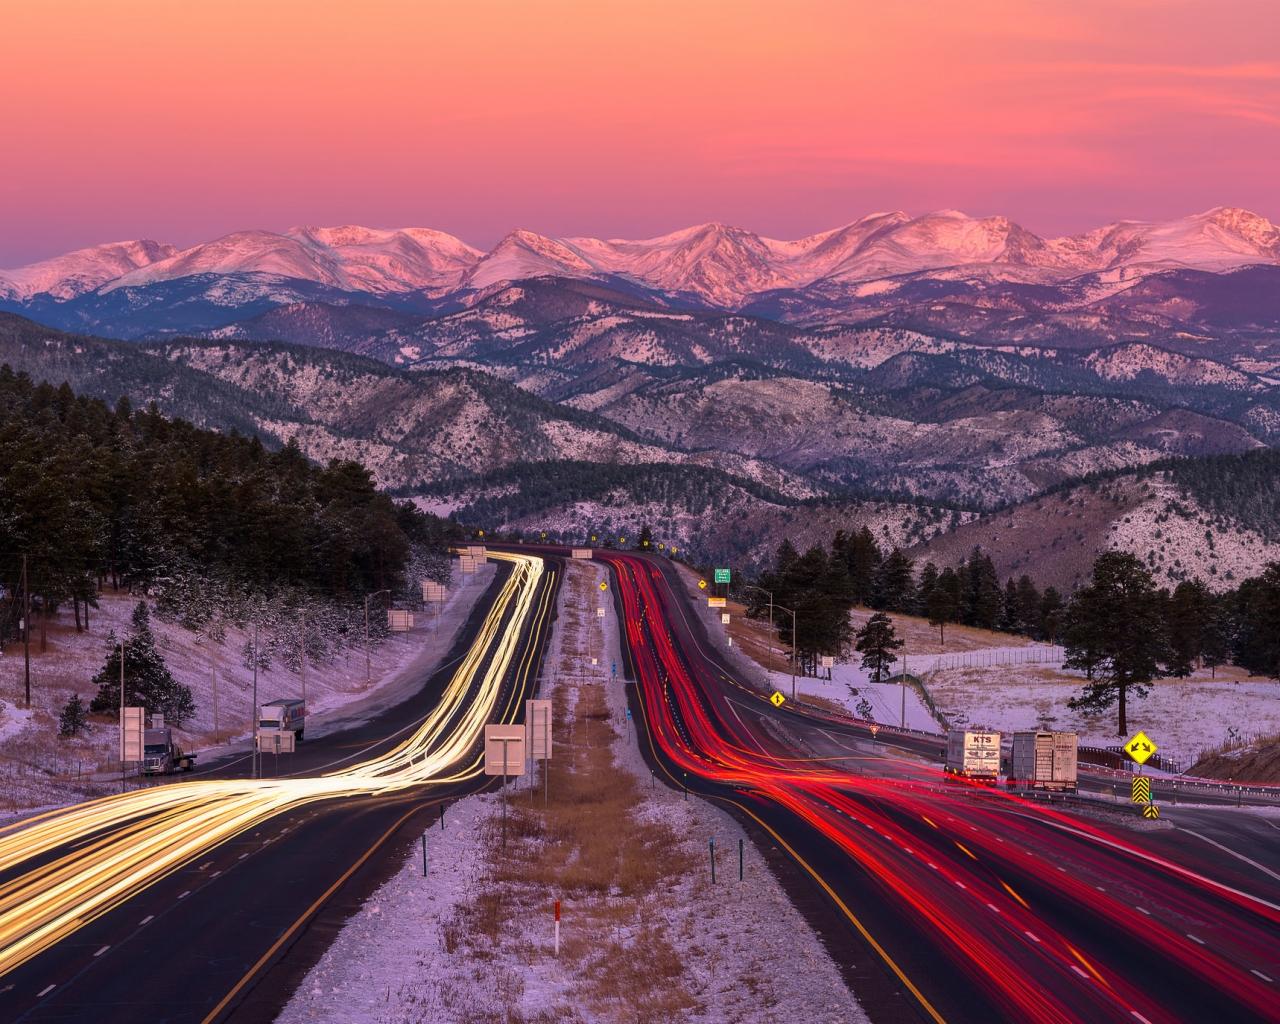 Una bella fotografía en una carretera - 1280x1024